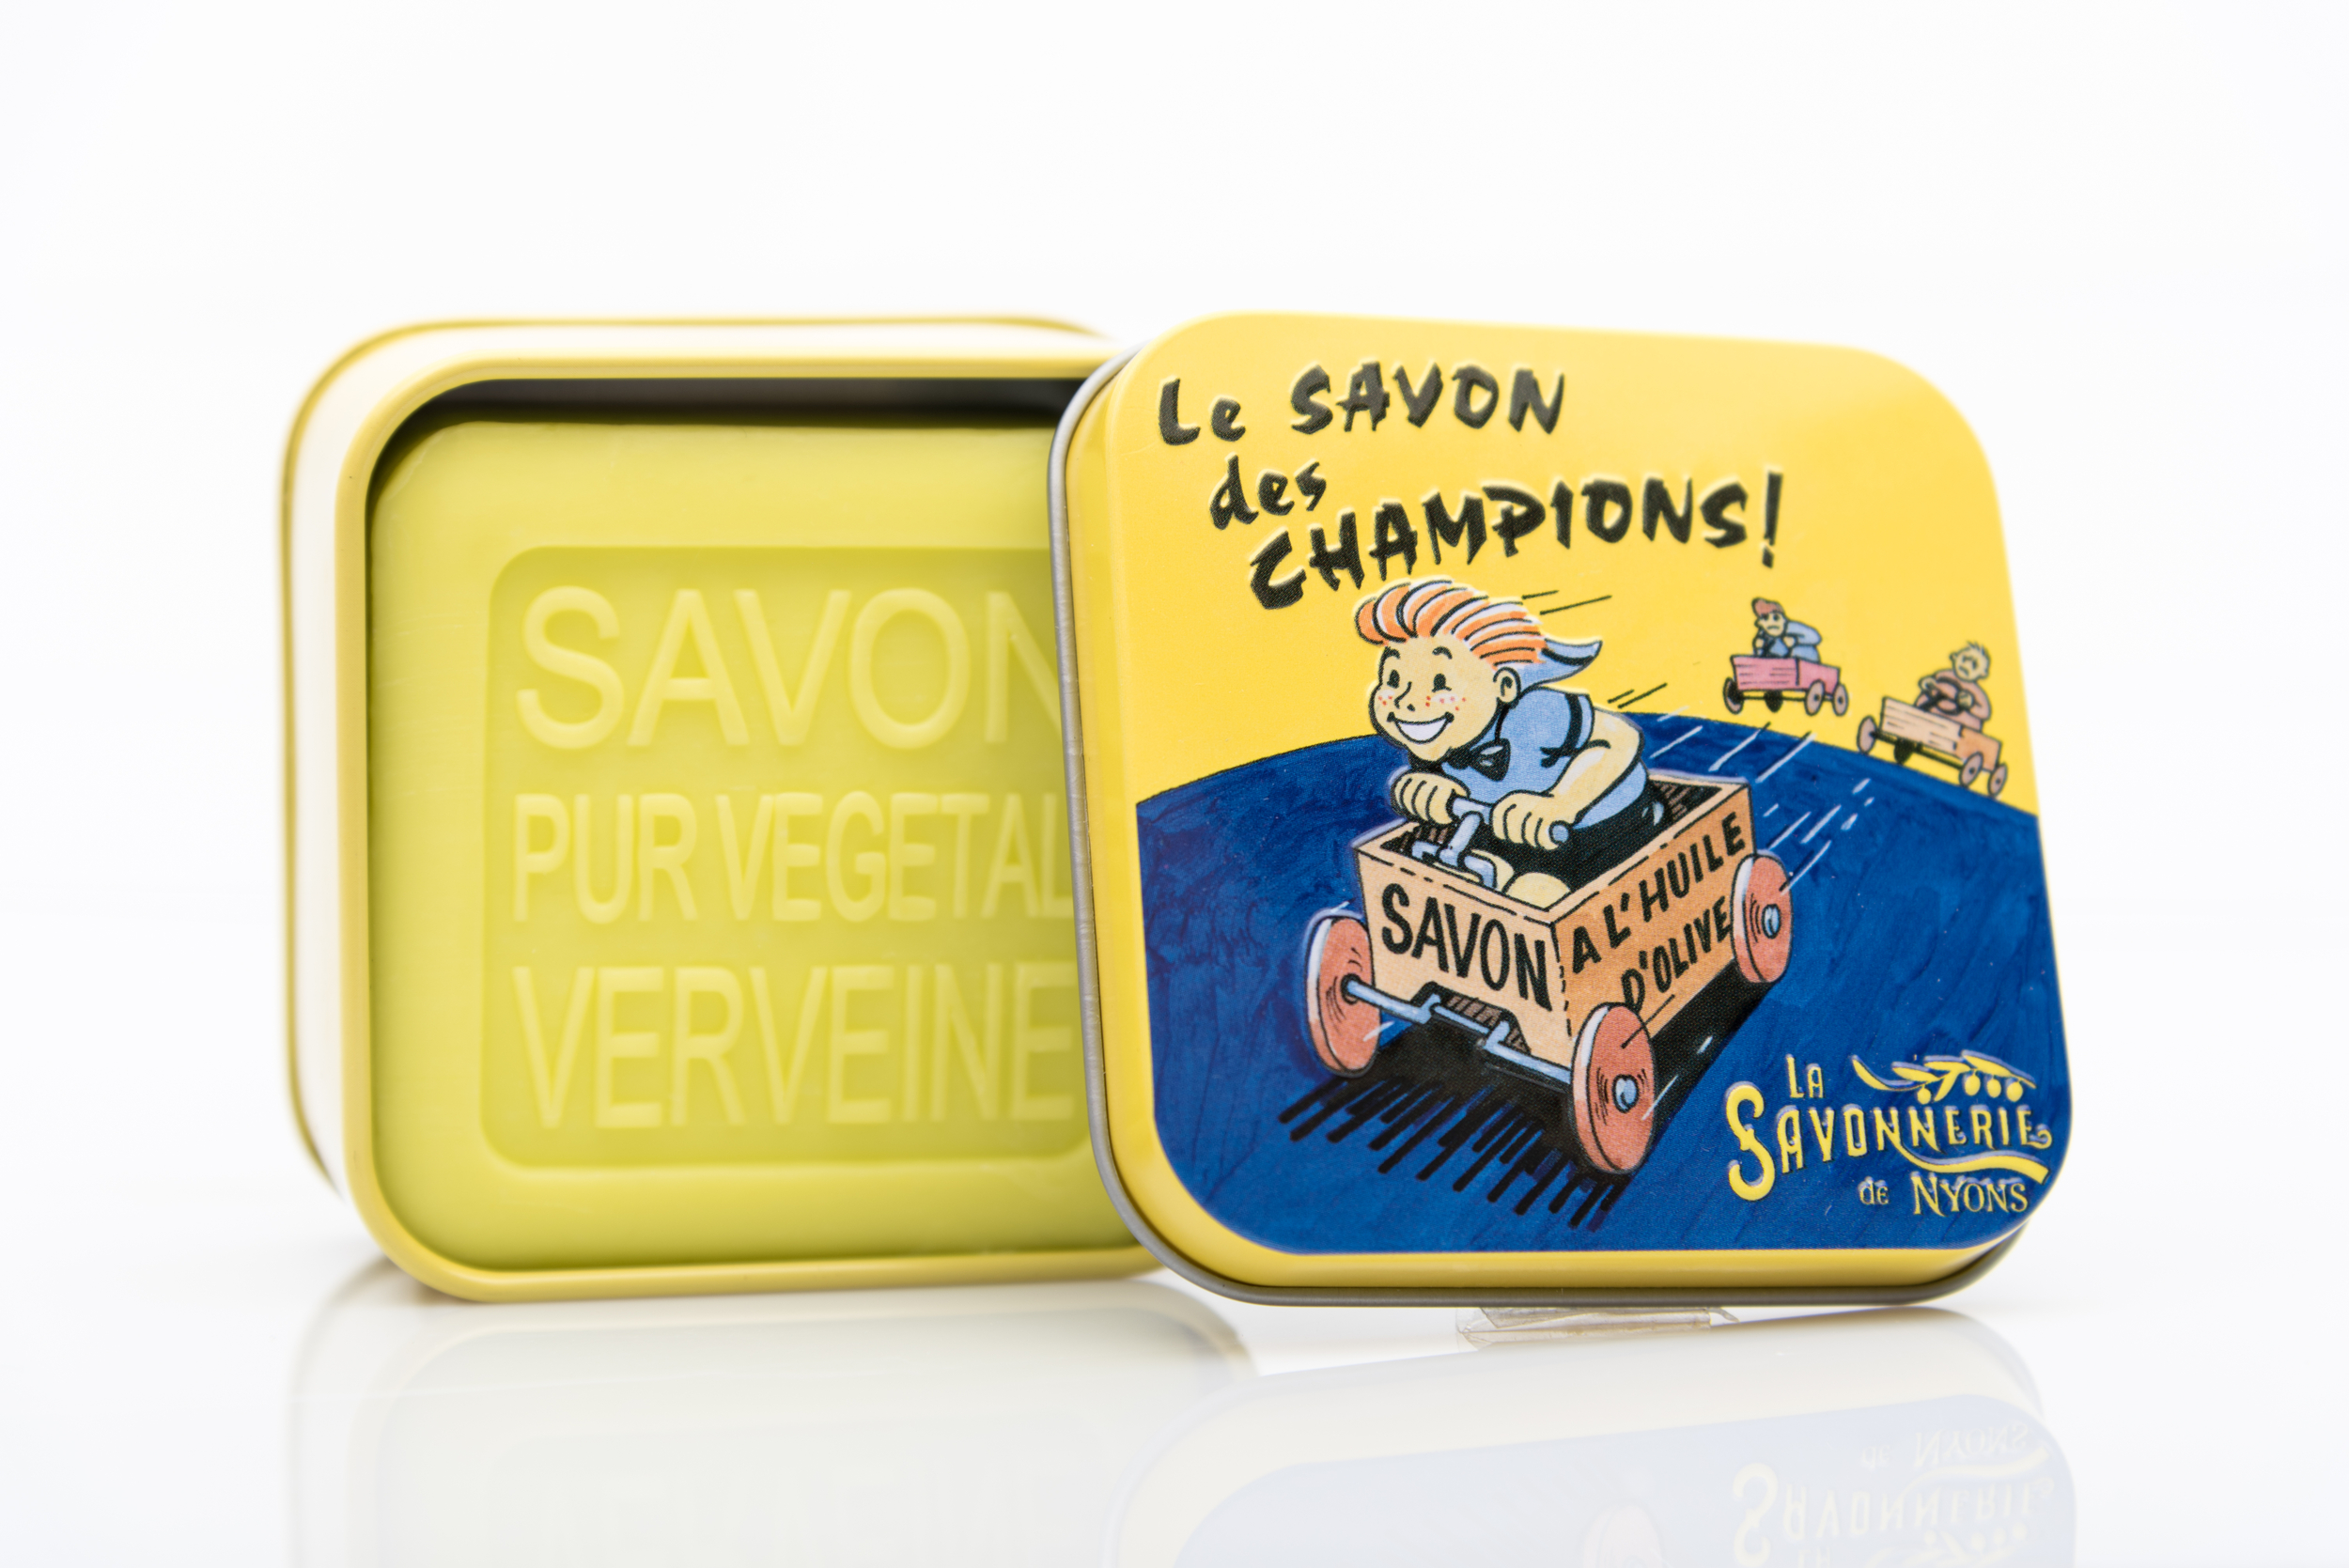 SAVON DE NYONS VEGETAL MADE IN FRANCE AVEC BOITE METALIQUE MODELE 34 A LA VERVEINE